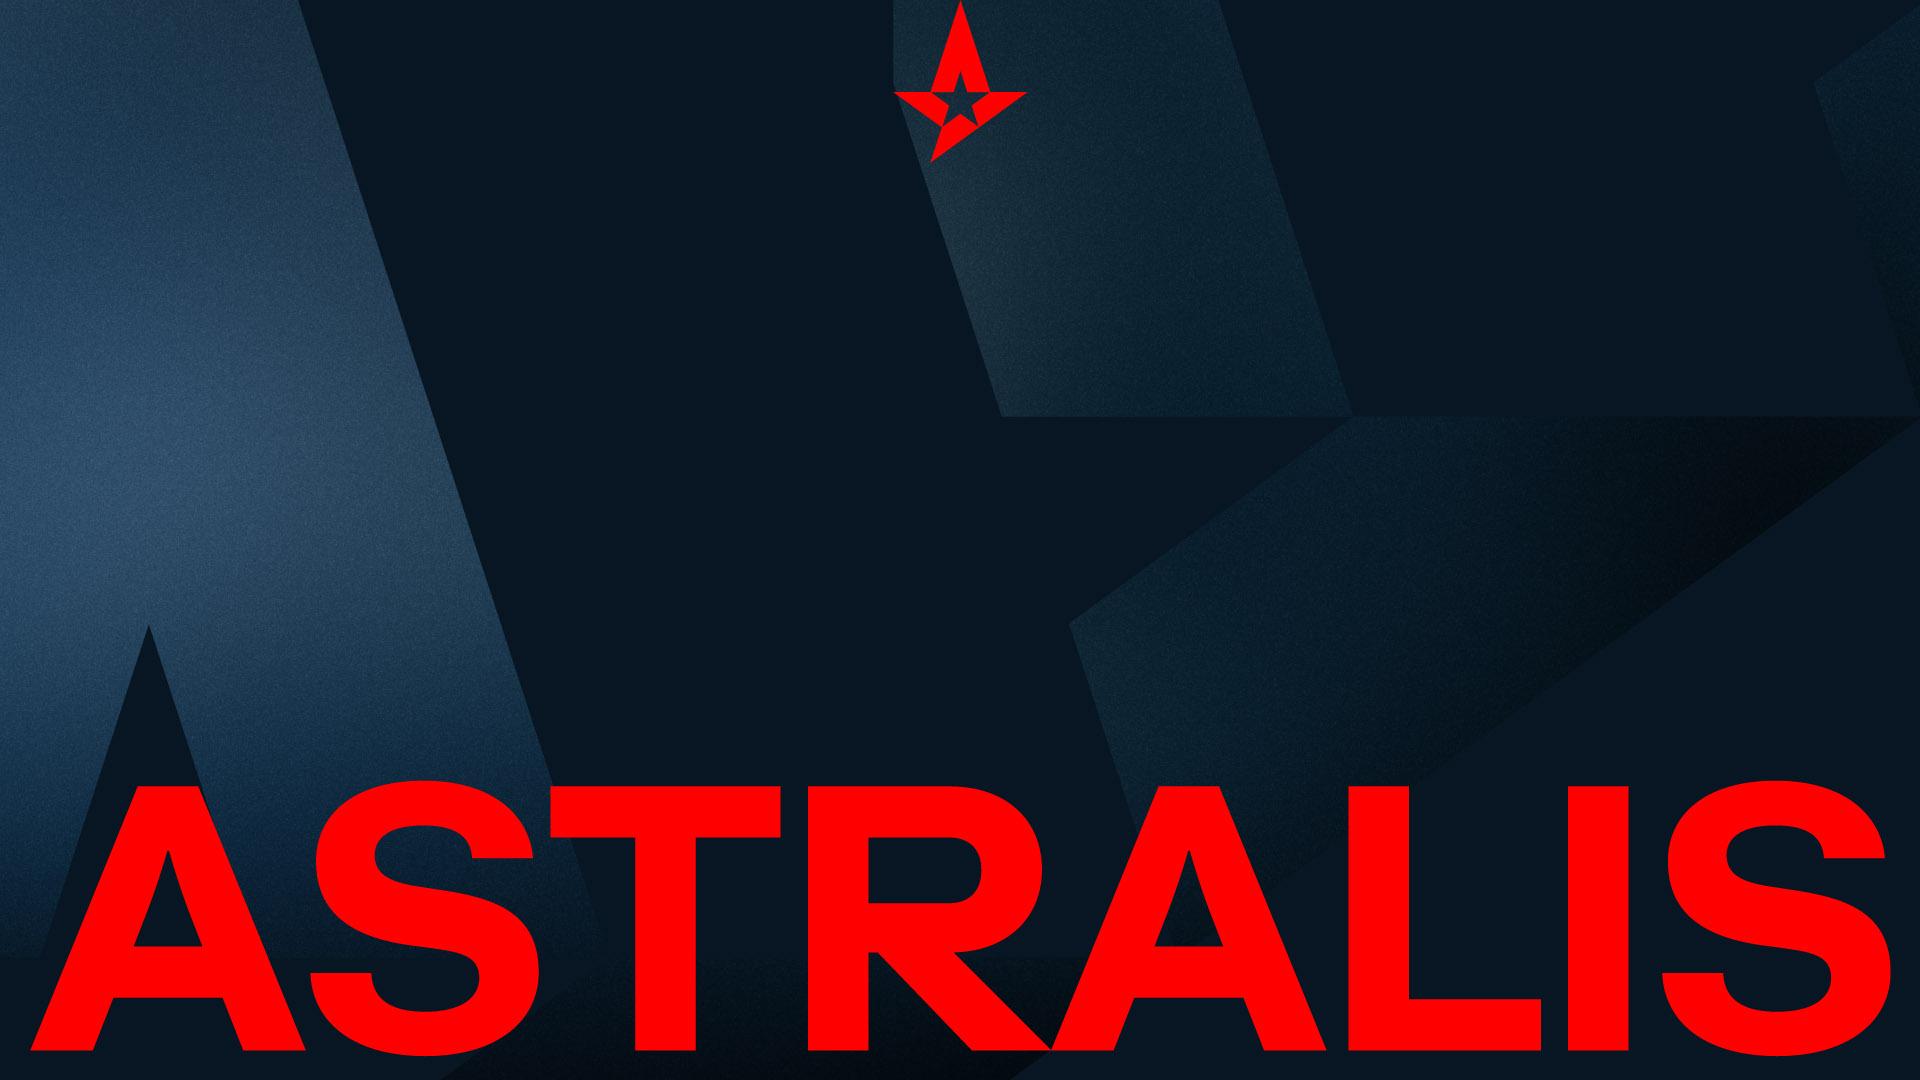 Astralis sælger spansk akademihold og tilhørende ligarettigheder